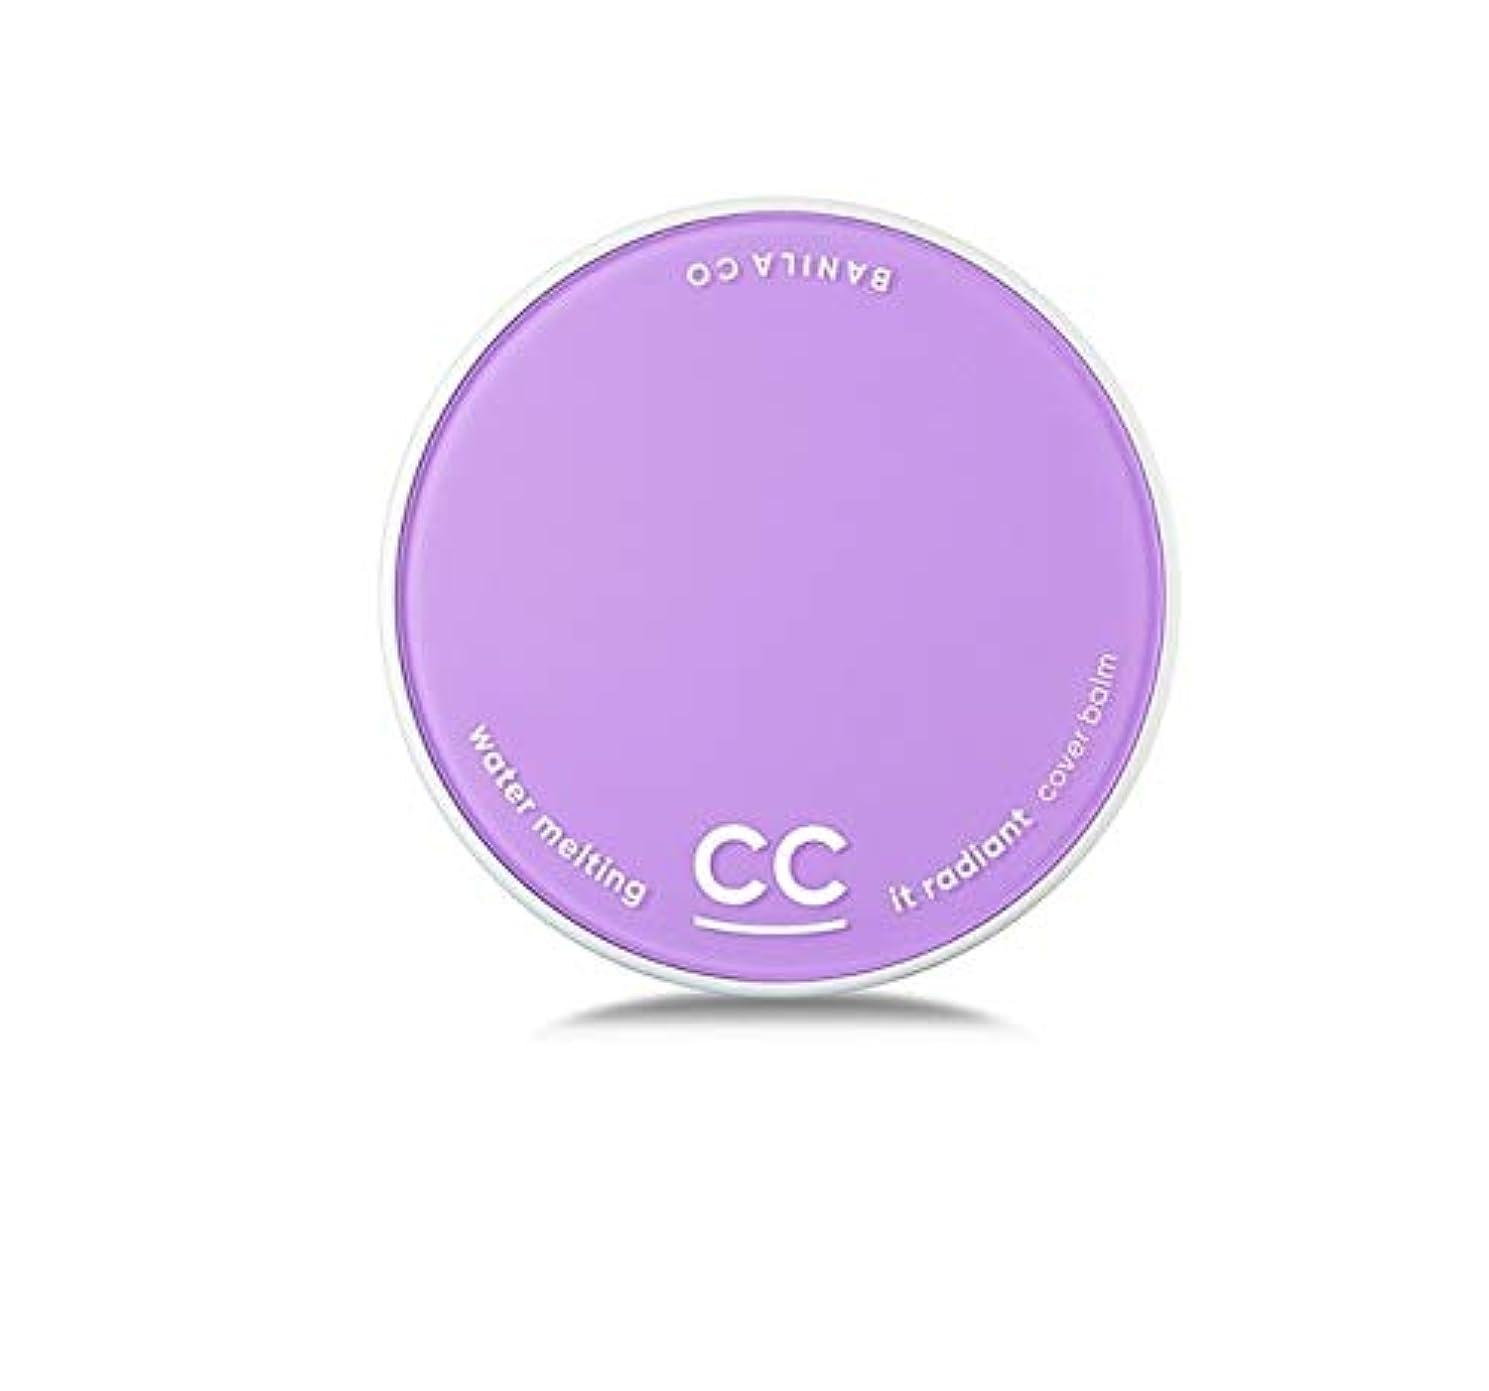 コンチネンタル栄光の方程式banilaco イットラディアントCCエッセンスカバーバーム/It Radiant CC Essence Cover Balm 15g # Light Beige [並行輸入品]